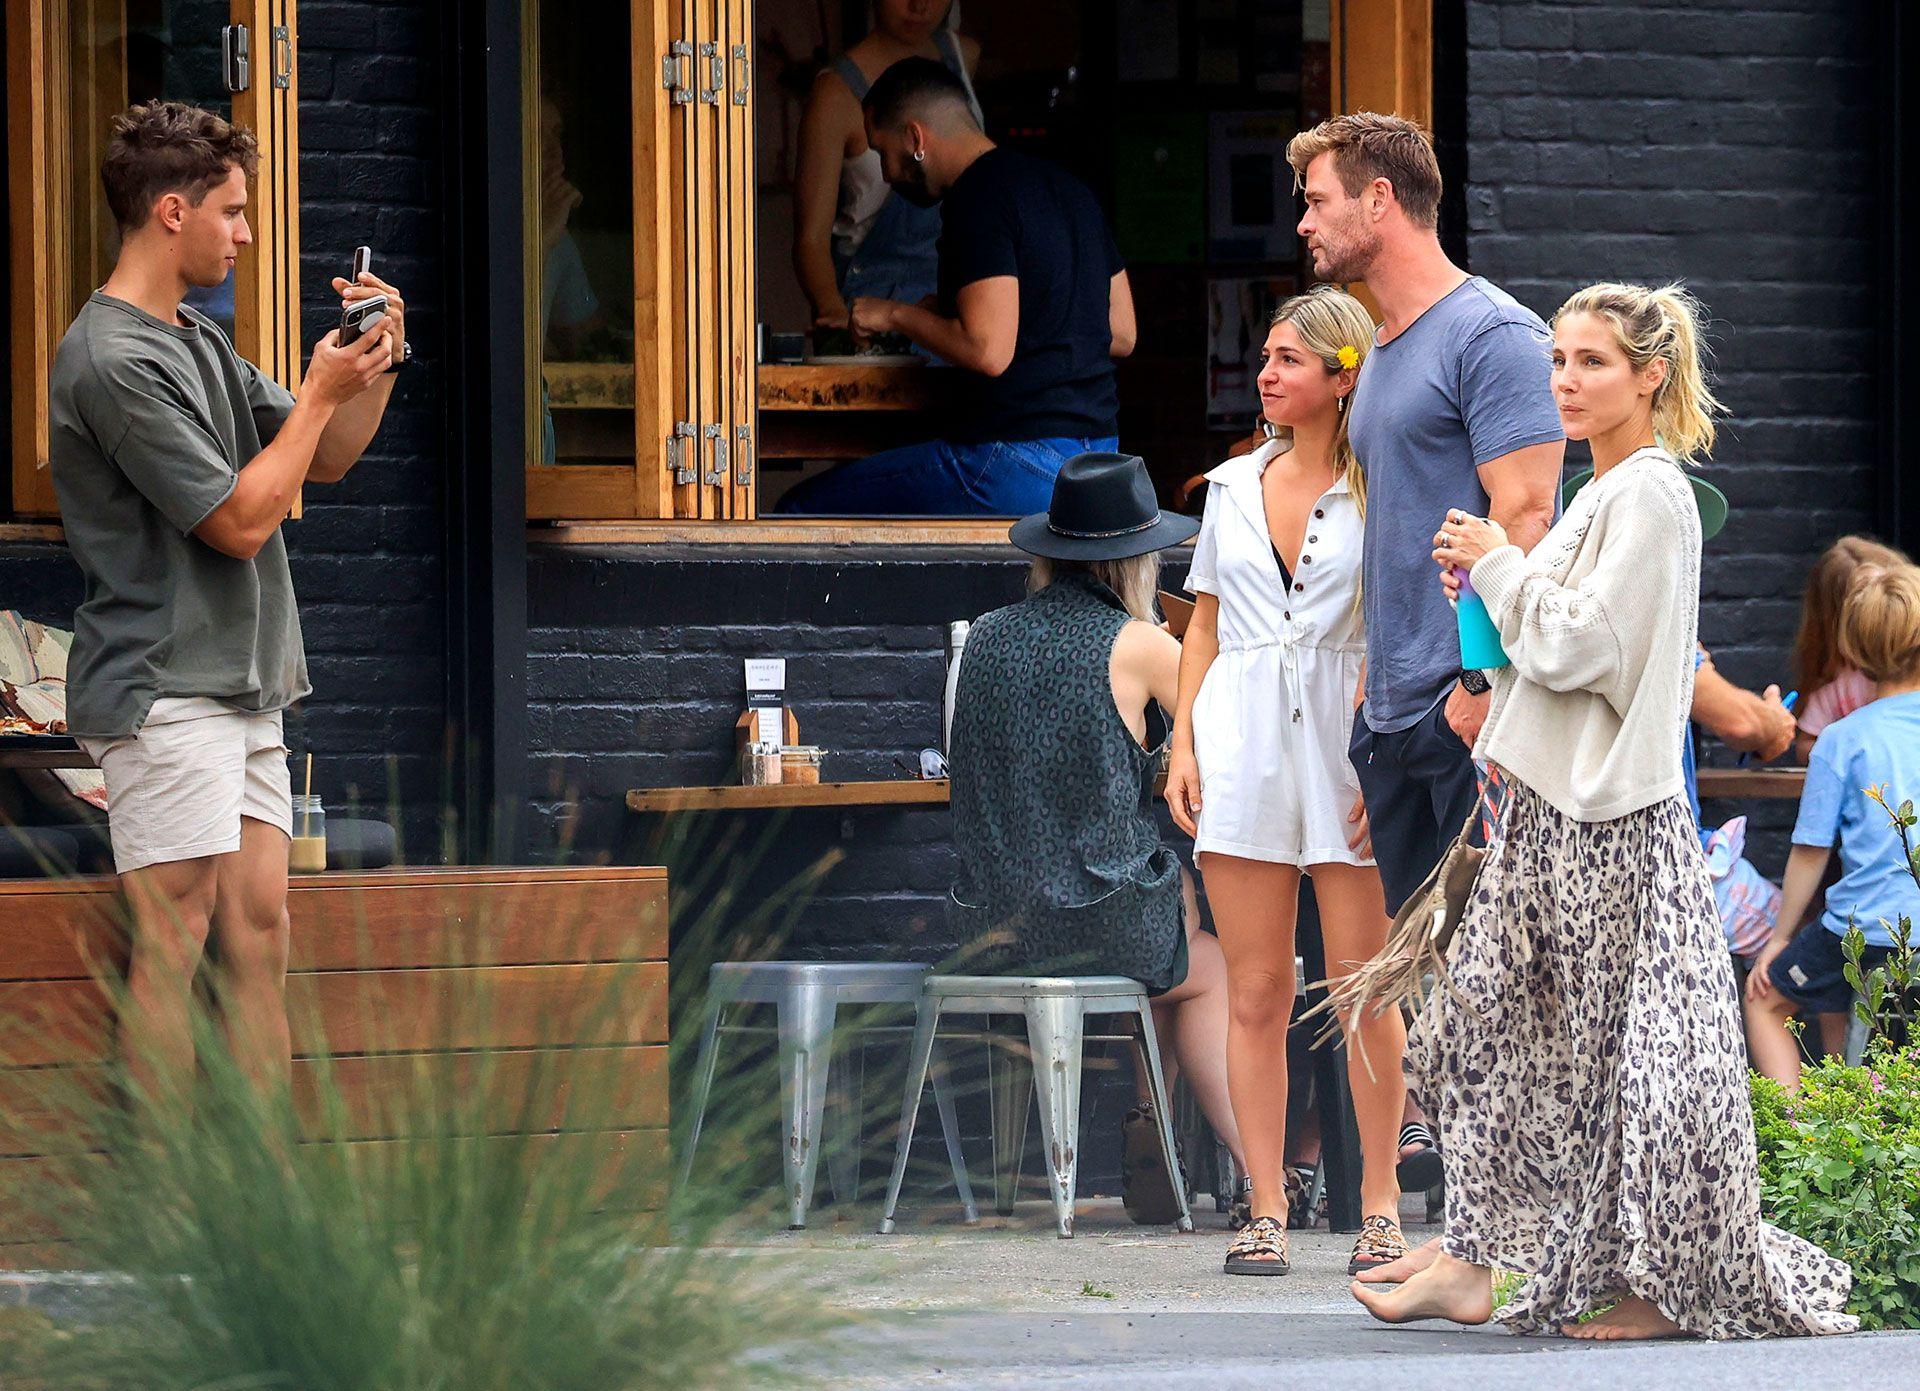 Celebrities-en-un-clic-Chris-Hemsworth-25092020